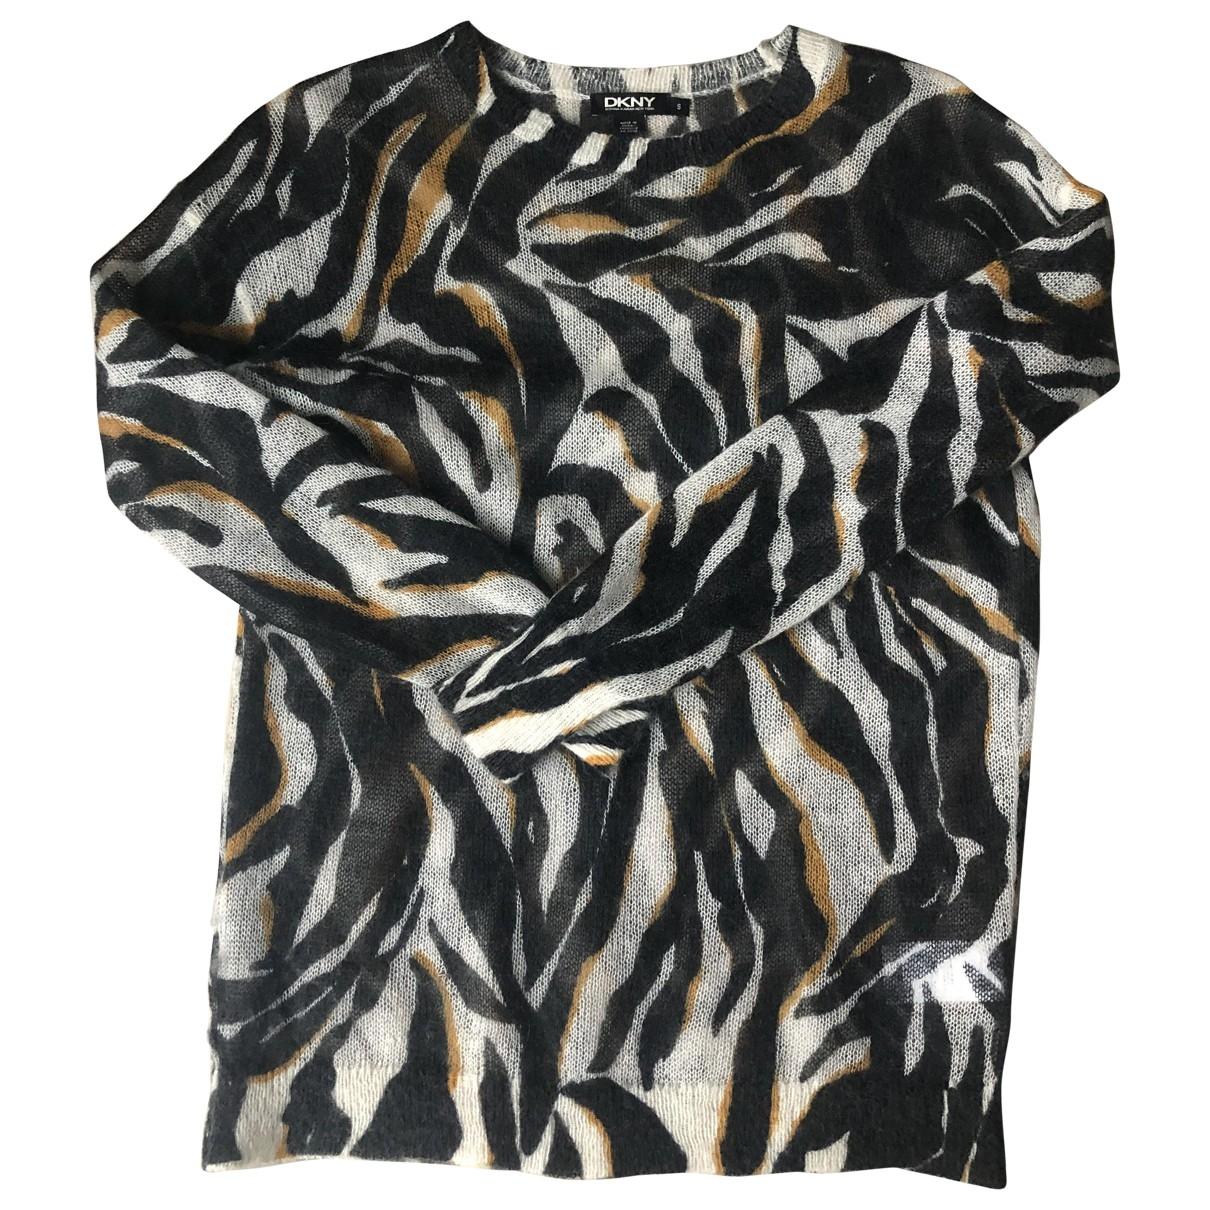 Dkny \N Wool Knitwear for Women S International